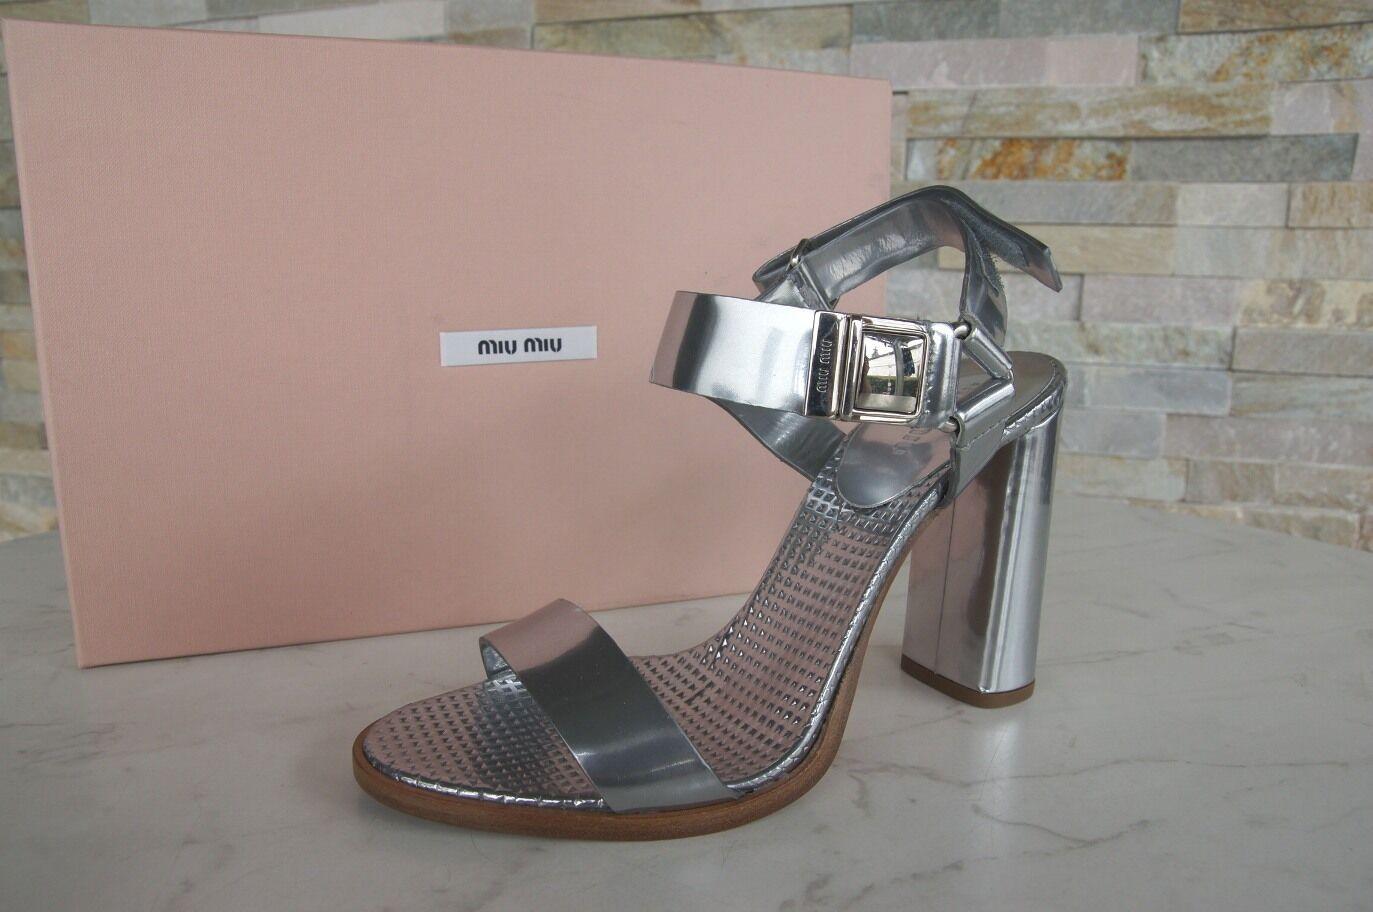 Luxus MIU MIU silber Gr 40 Sandaletten Heels Schuhe silber MIU Klettverschluß NEU 3582e7